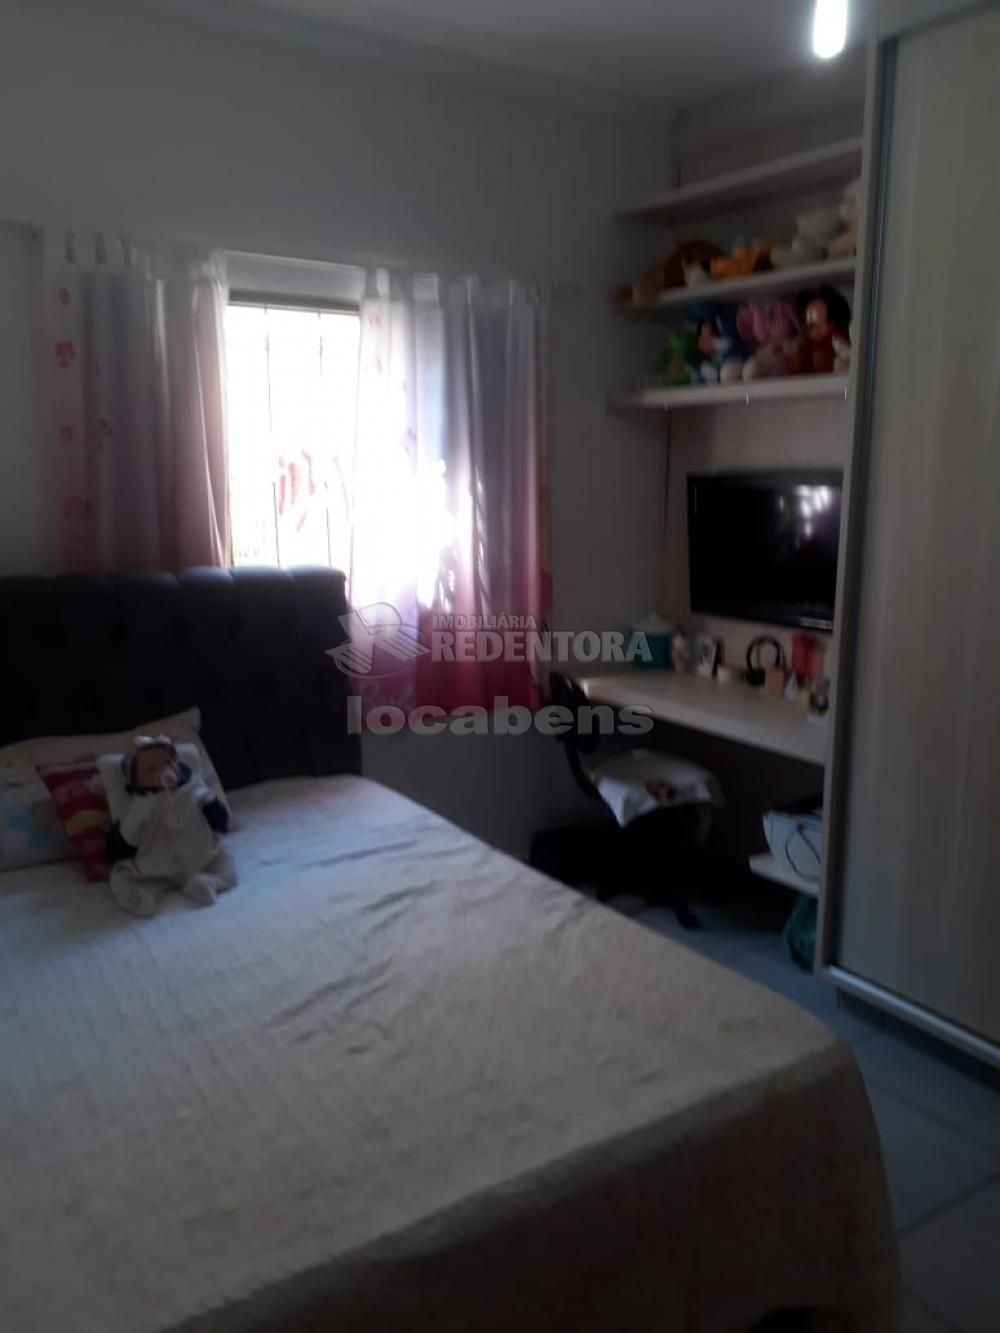 Comprar Casa / Padrão em São José do Rio Preto R$ 330.000,00 - Foto 36